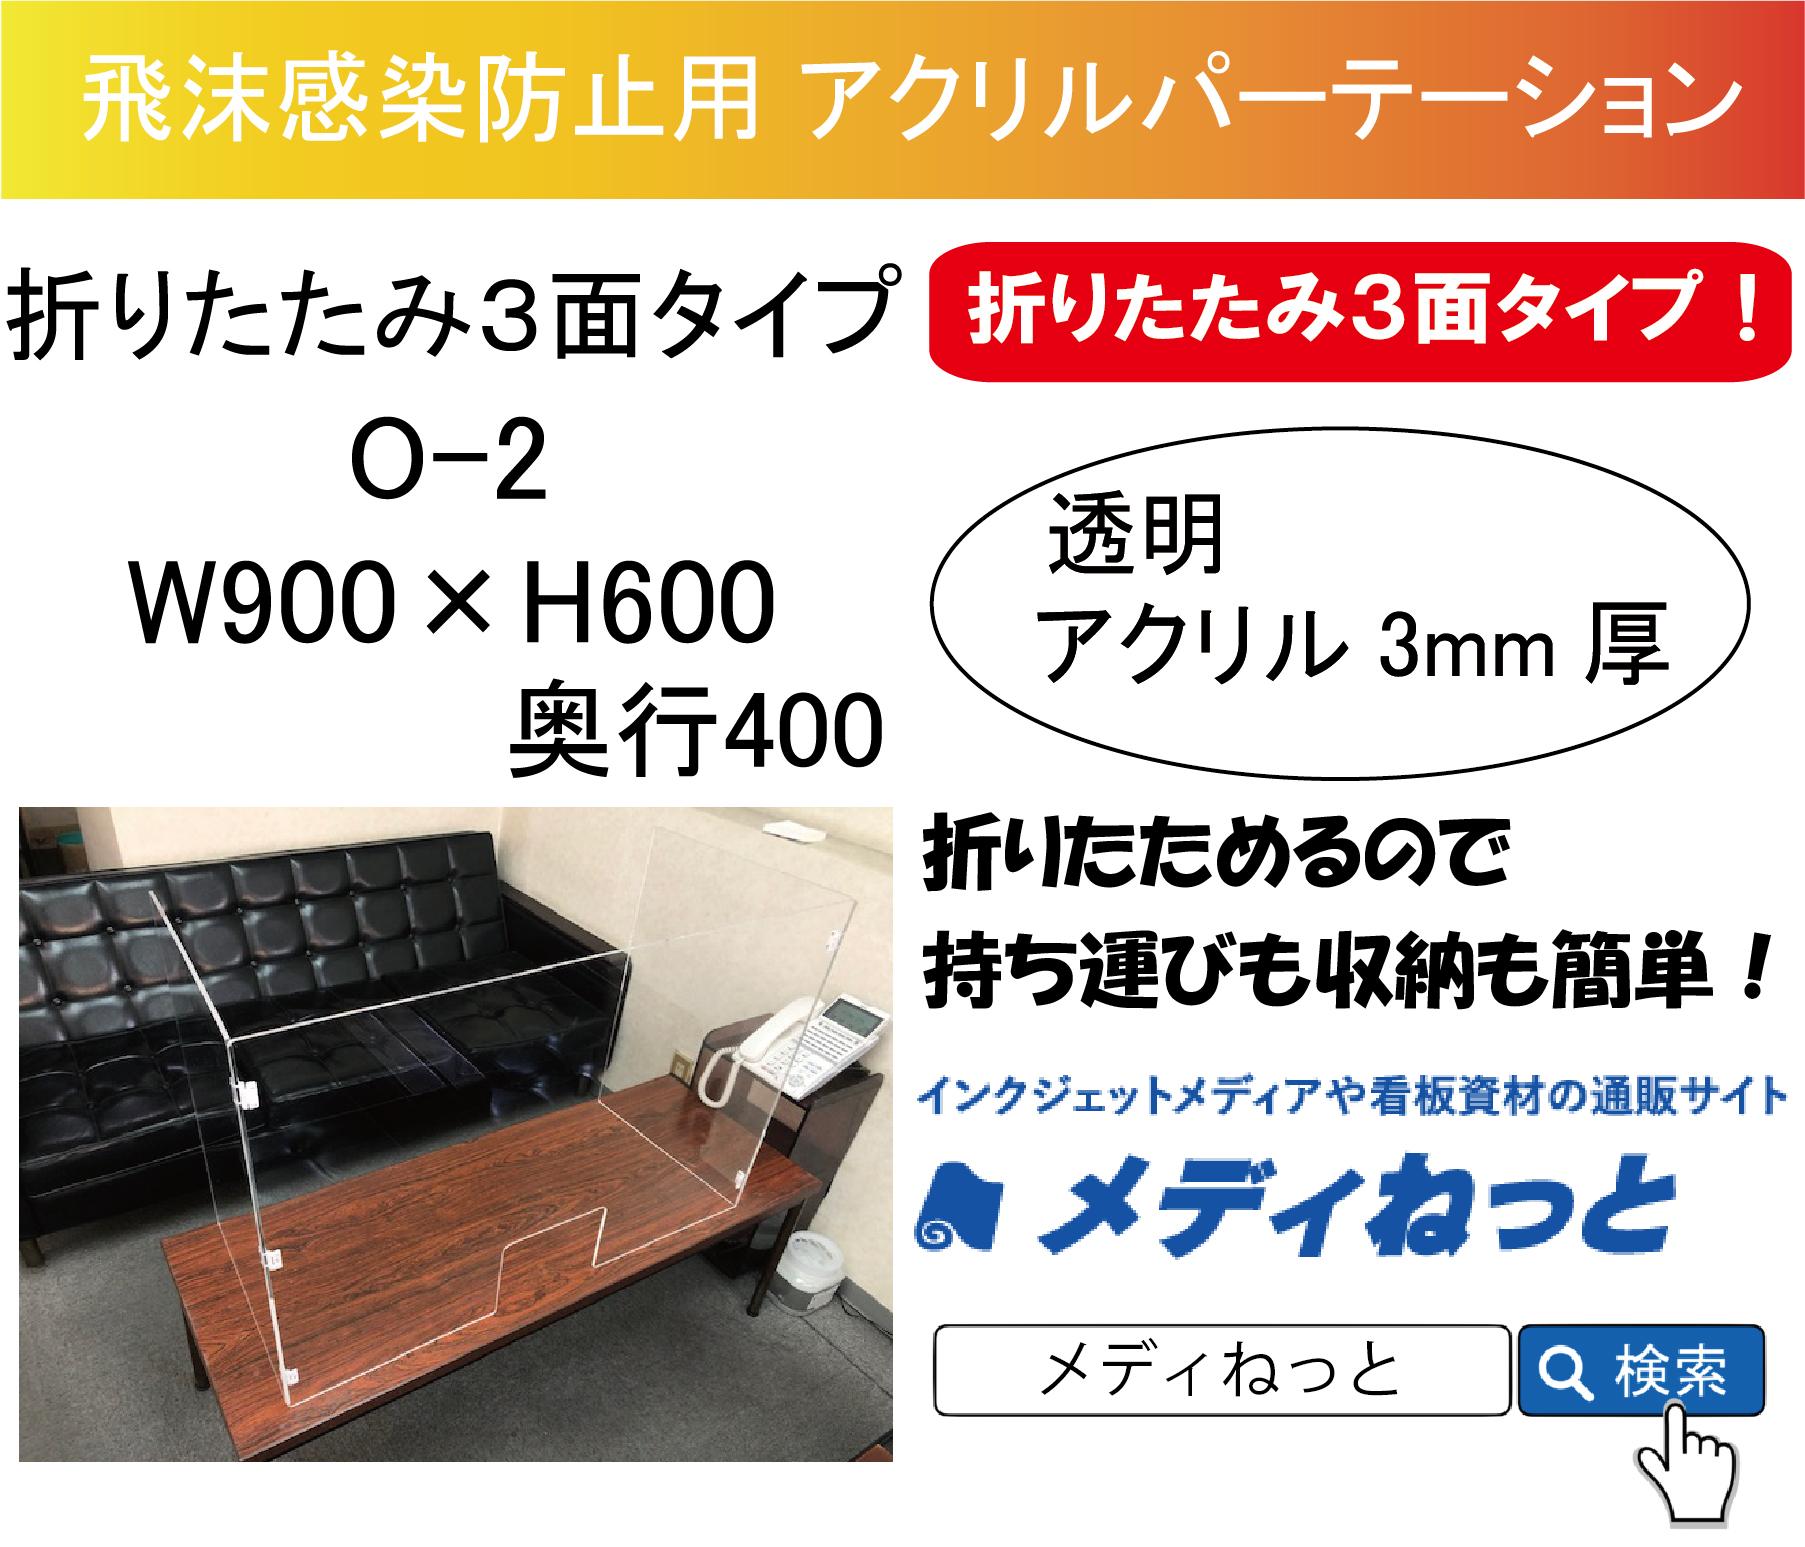 【飛沫感染予防バリア】アクリルパーテーション 折りたたみ3面タイプ O-2 900×600×奥行400 透明